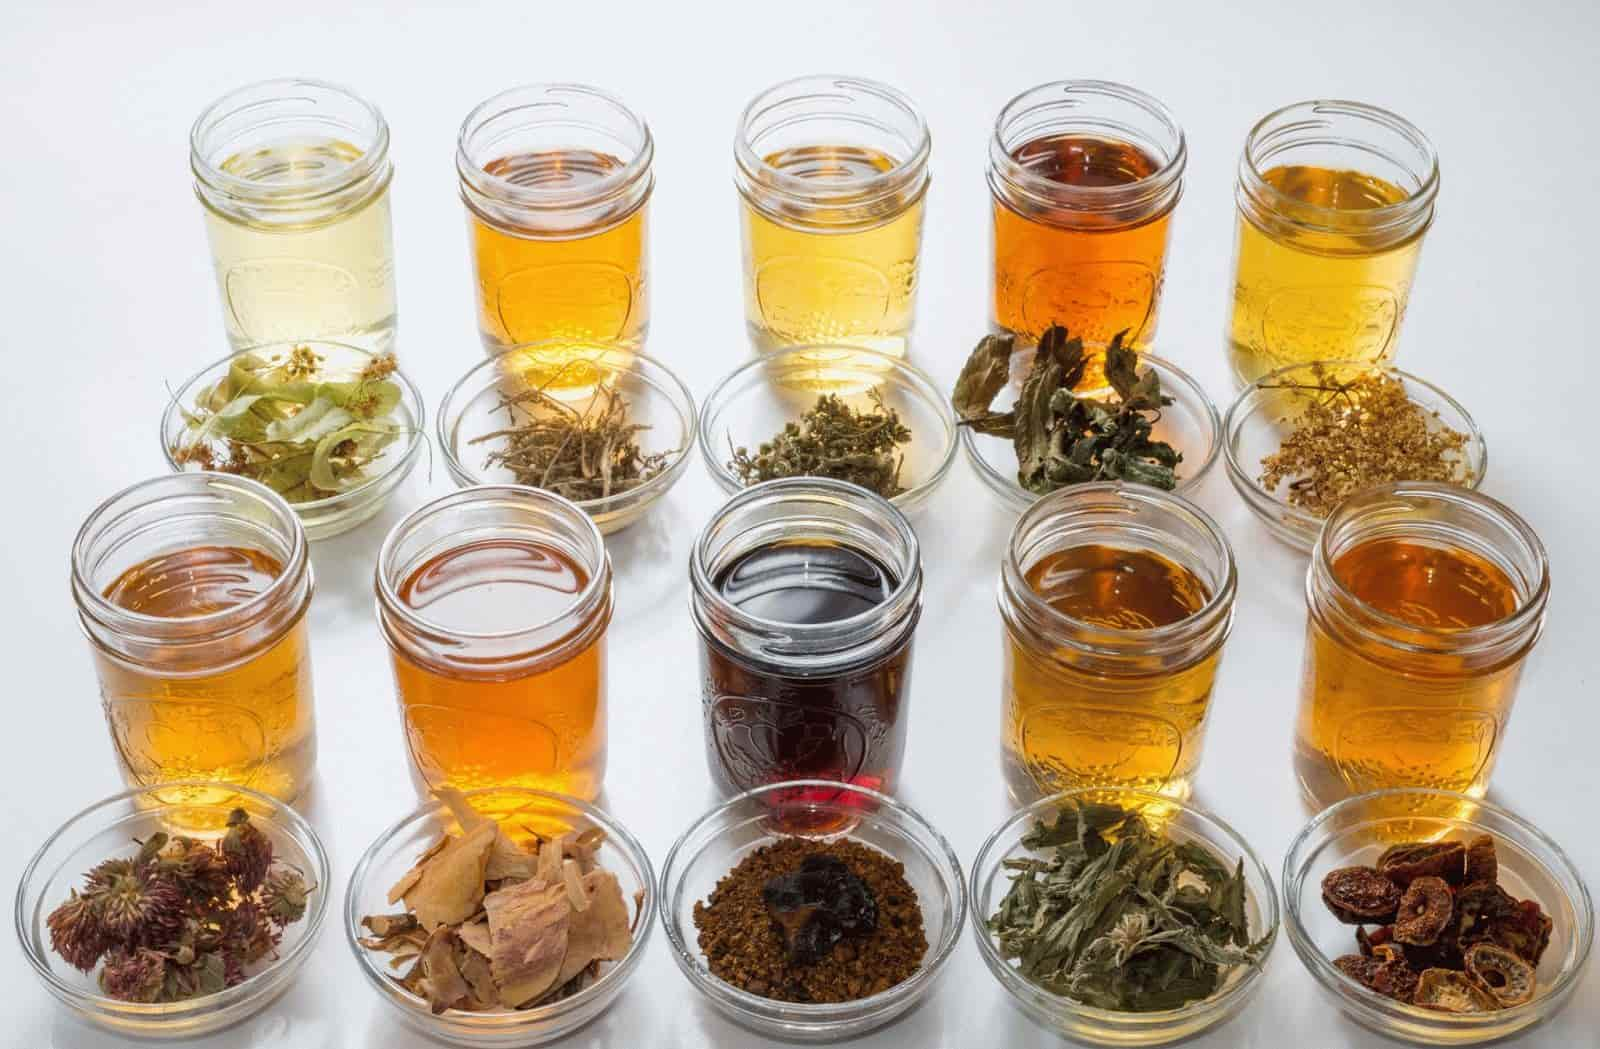 Чай для похудения в домашних условиях, рецепты травяных чайных напитков